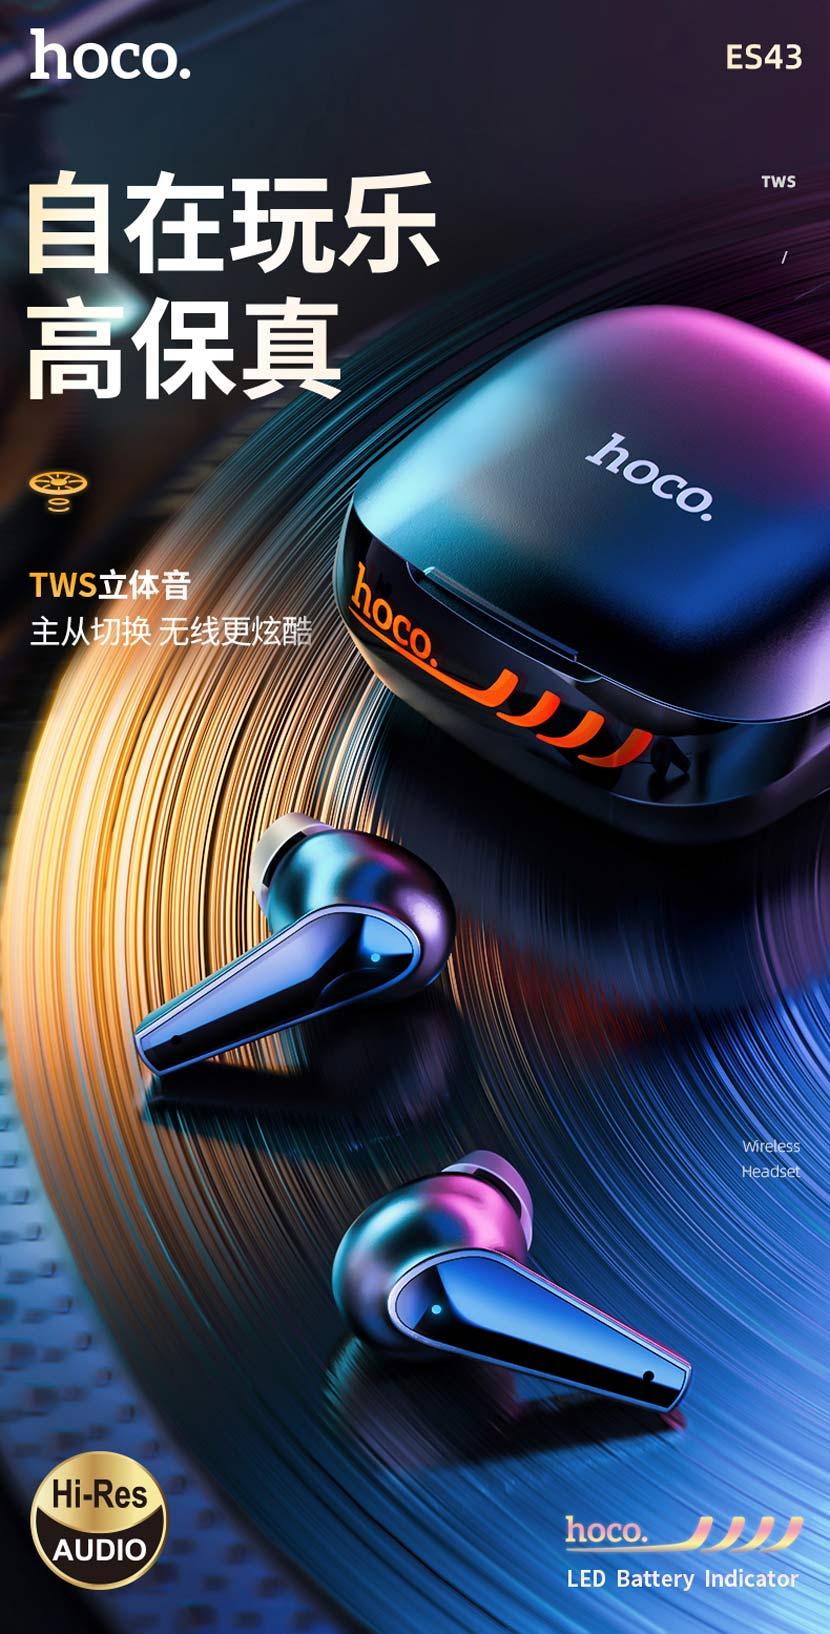 hoco news es43 lucky sound tws wireless headset fidelity cn